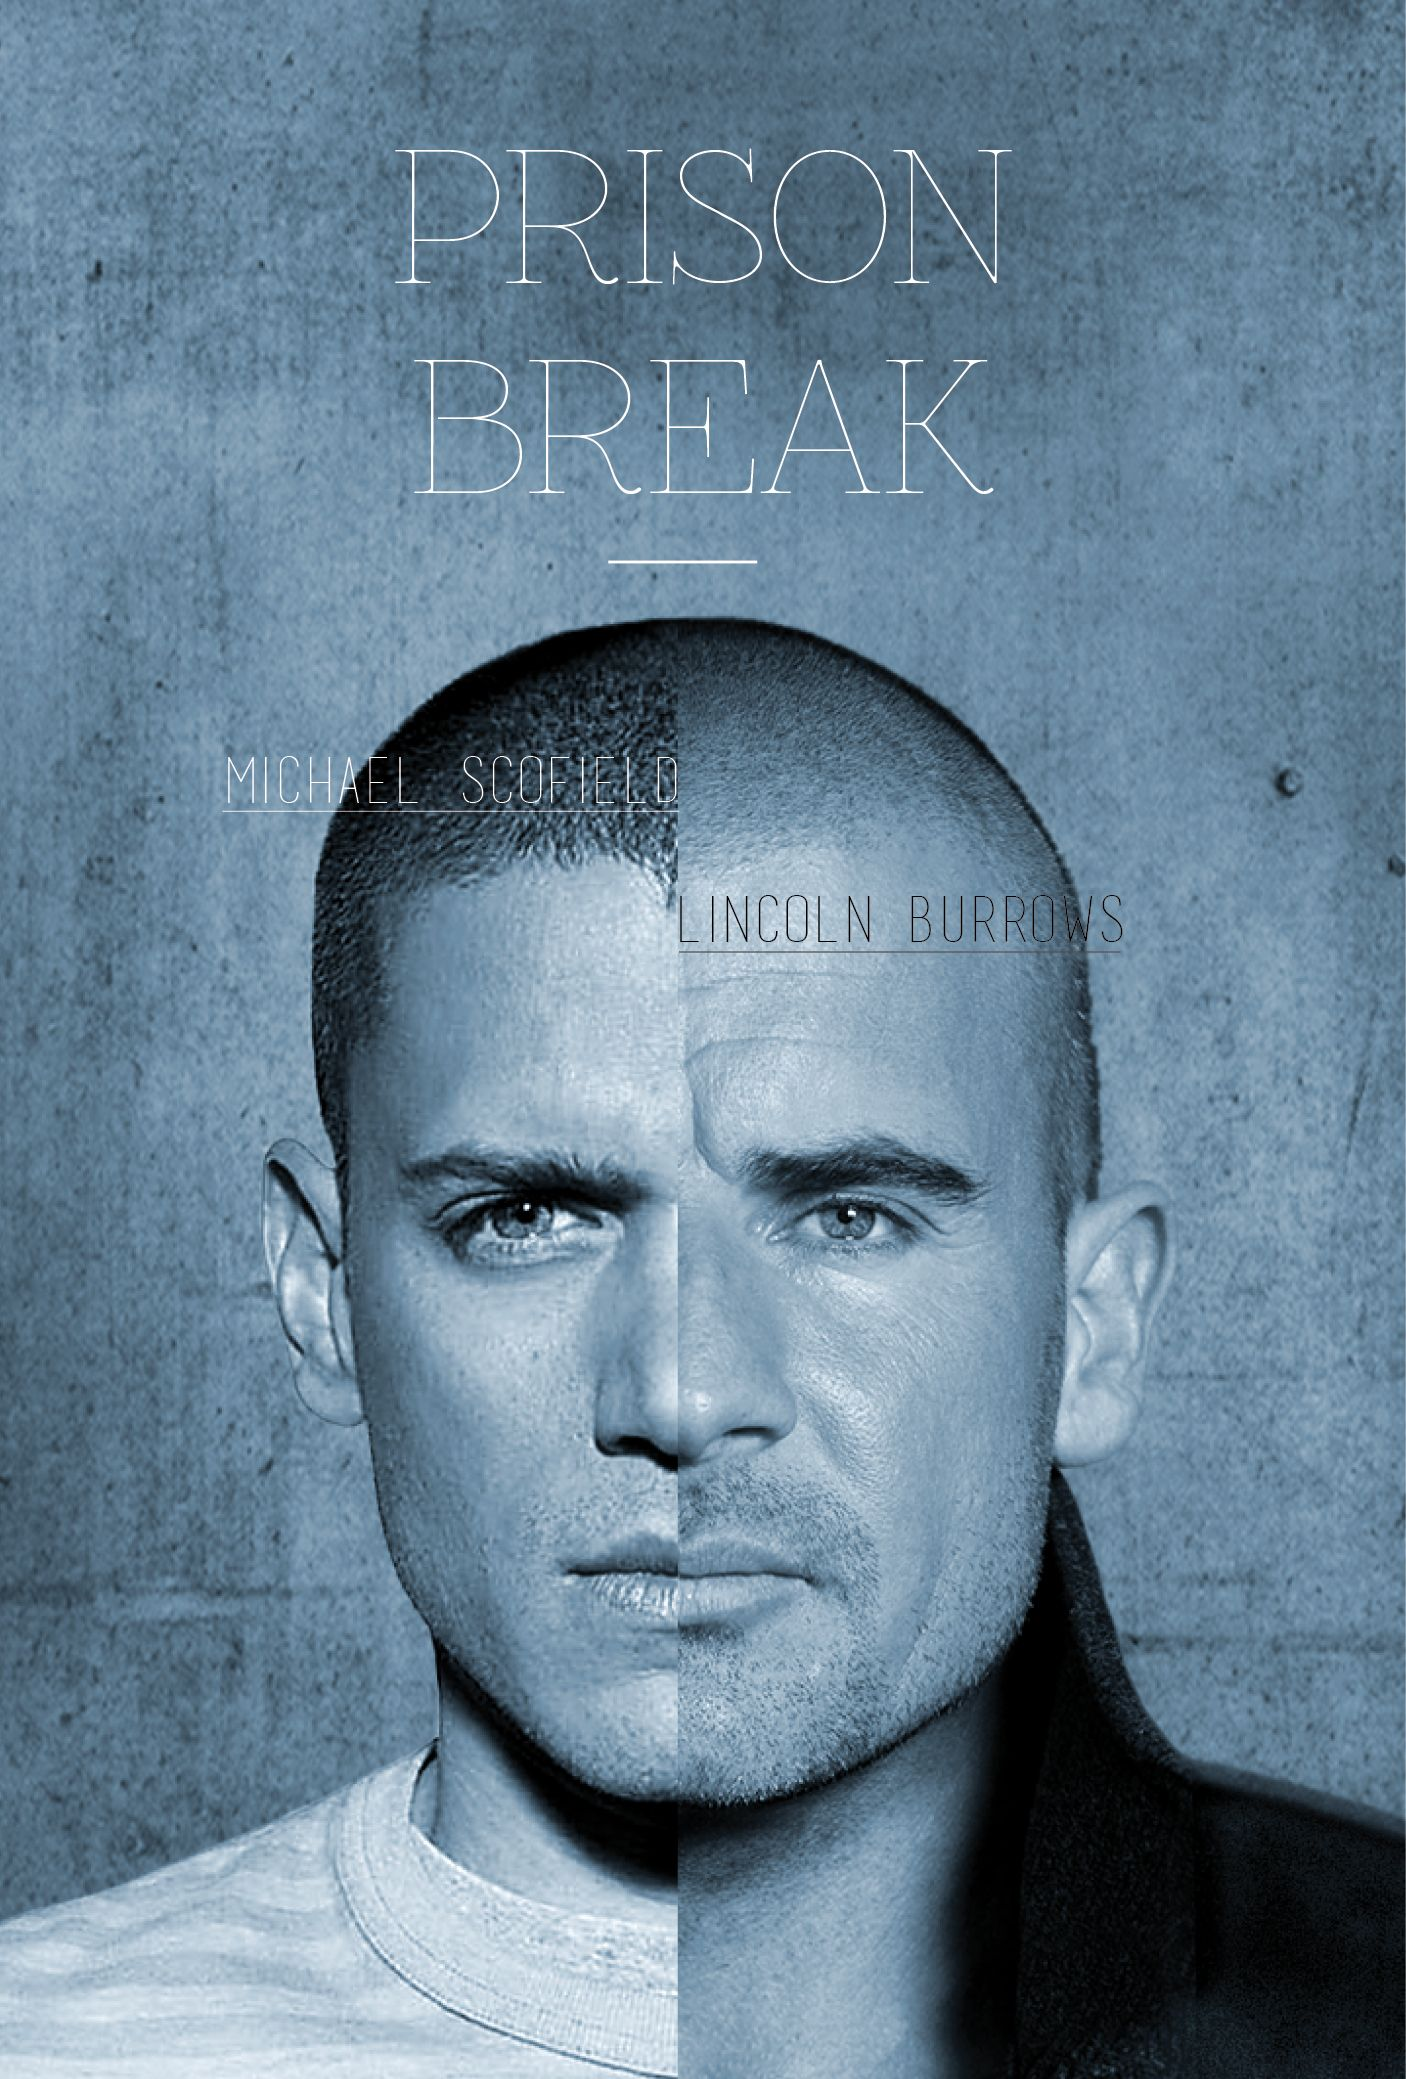 Prison Break - Michael Scofield e Lincoln Burrows | Prison break ...